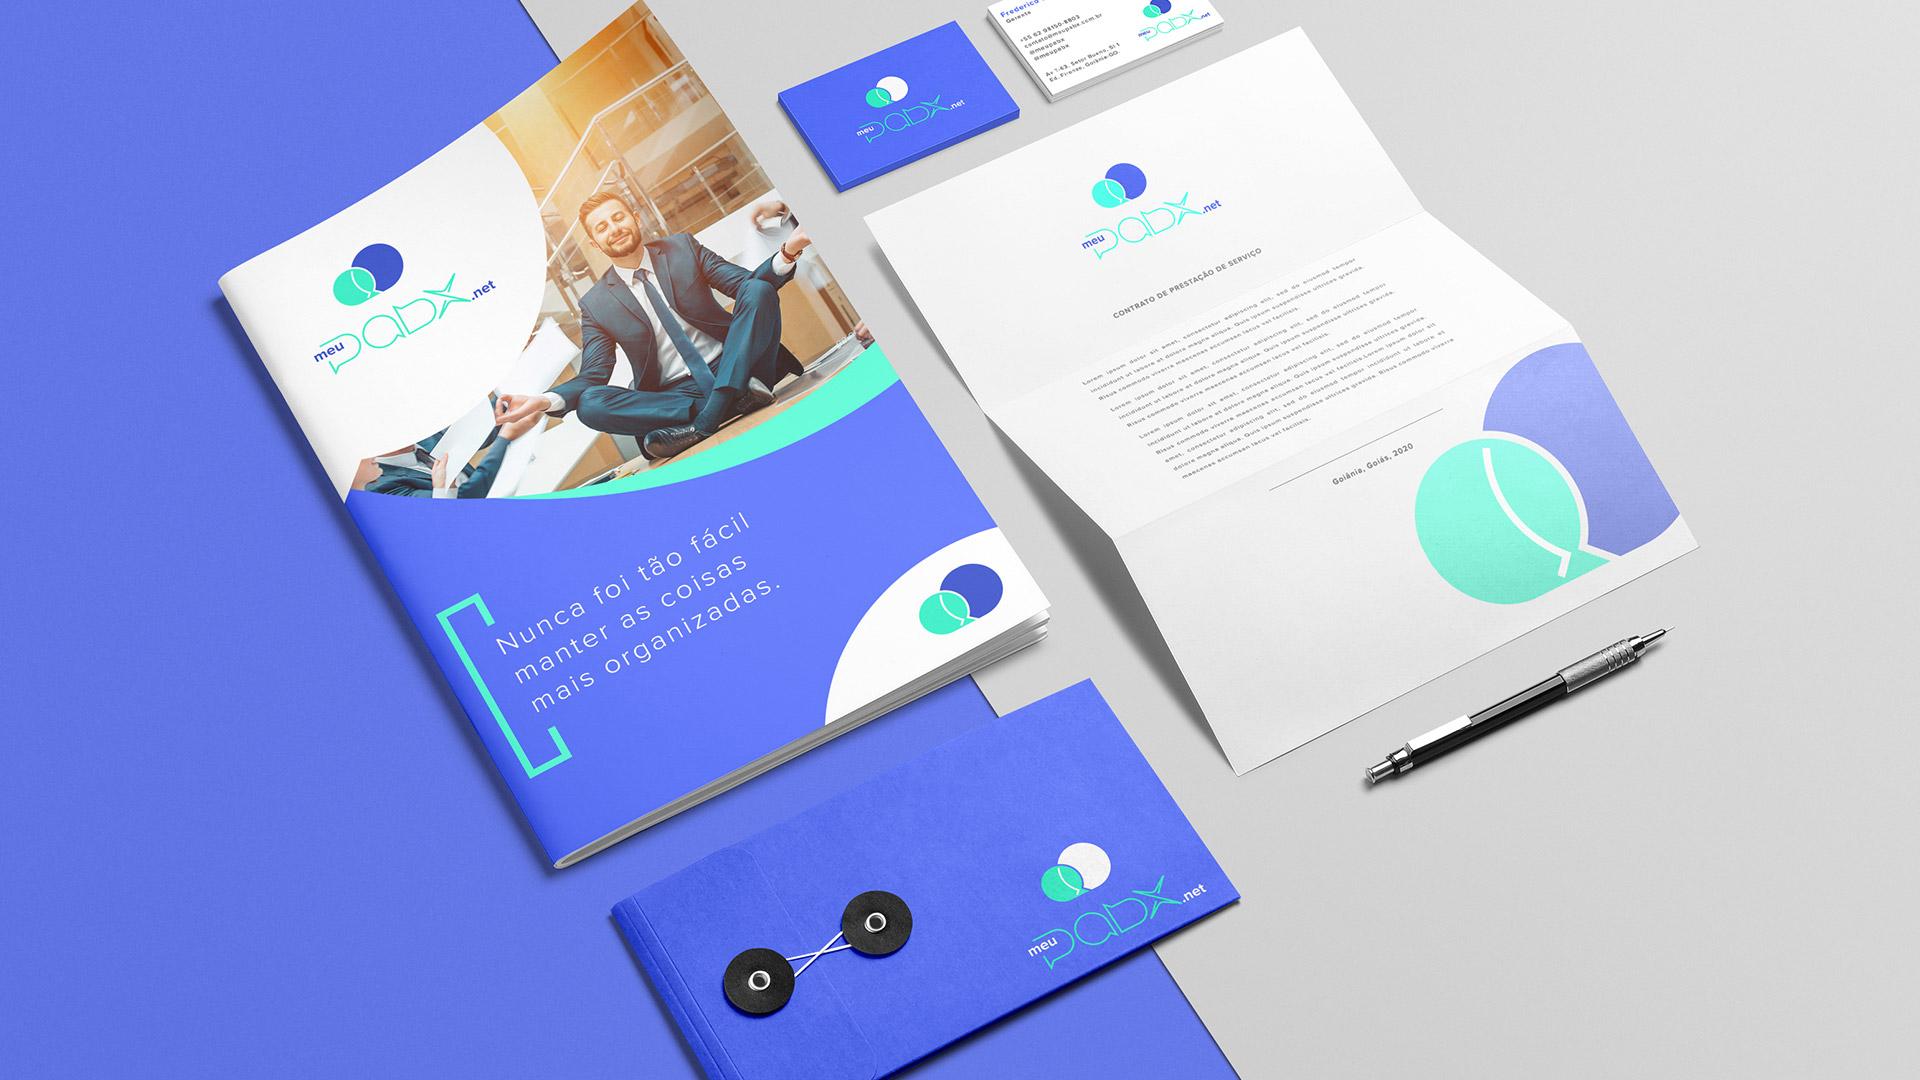 meu-pabx-1-portfolio-fred-bueno-design